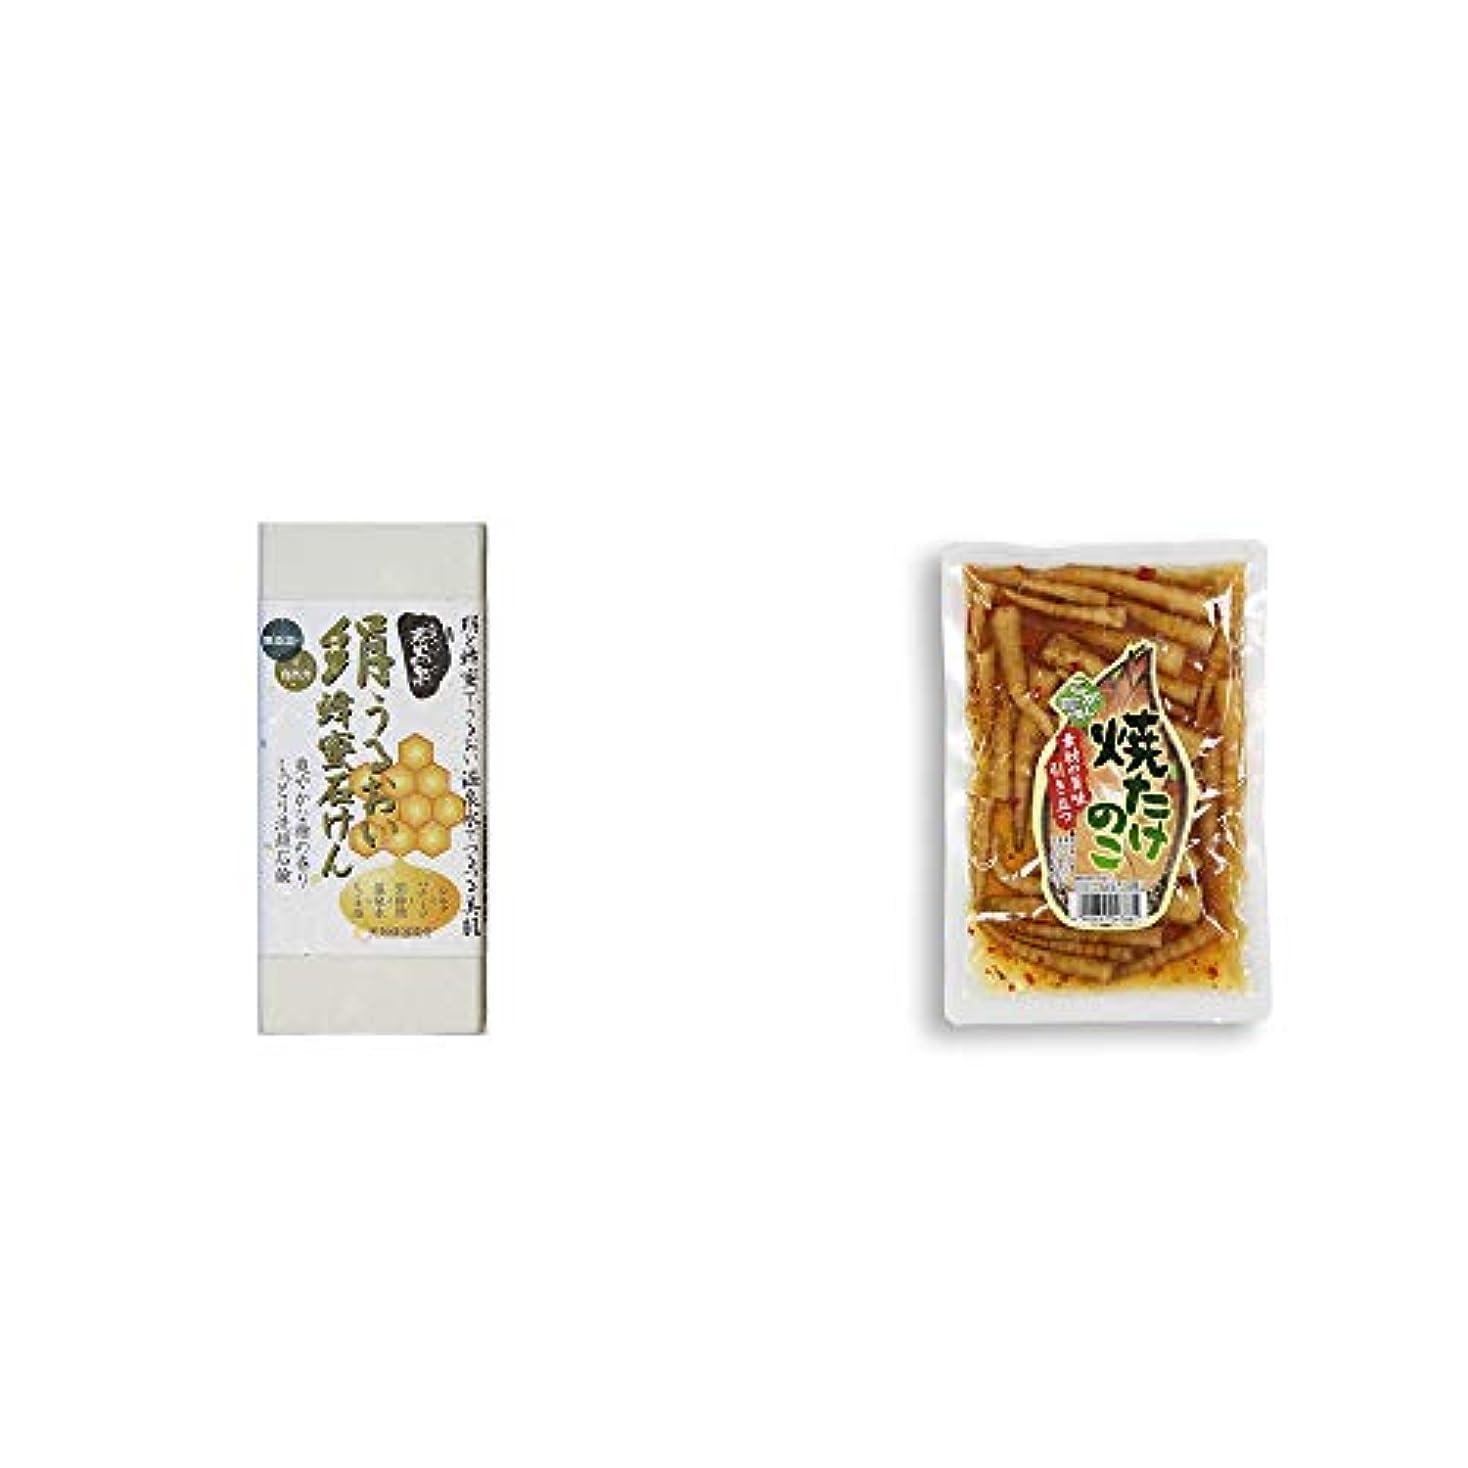 辞書終わり知覚する[2点セット] ひのき炭黒泉 絹うるおい蜂蜜石けん(75g×2)?焼たけのこ(300g)